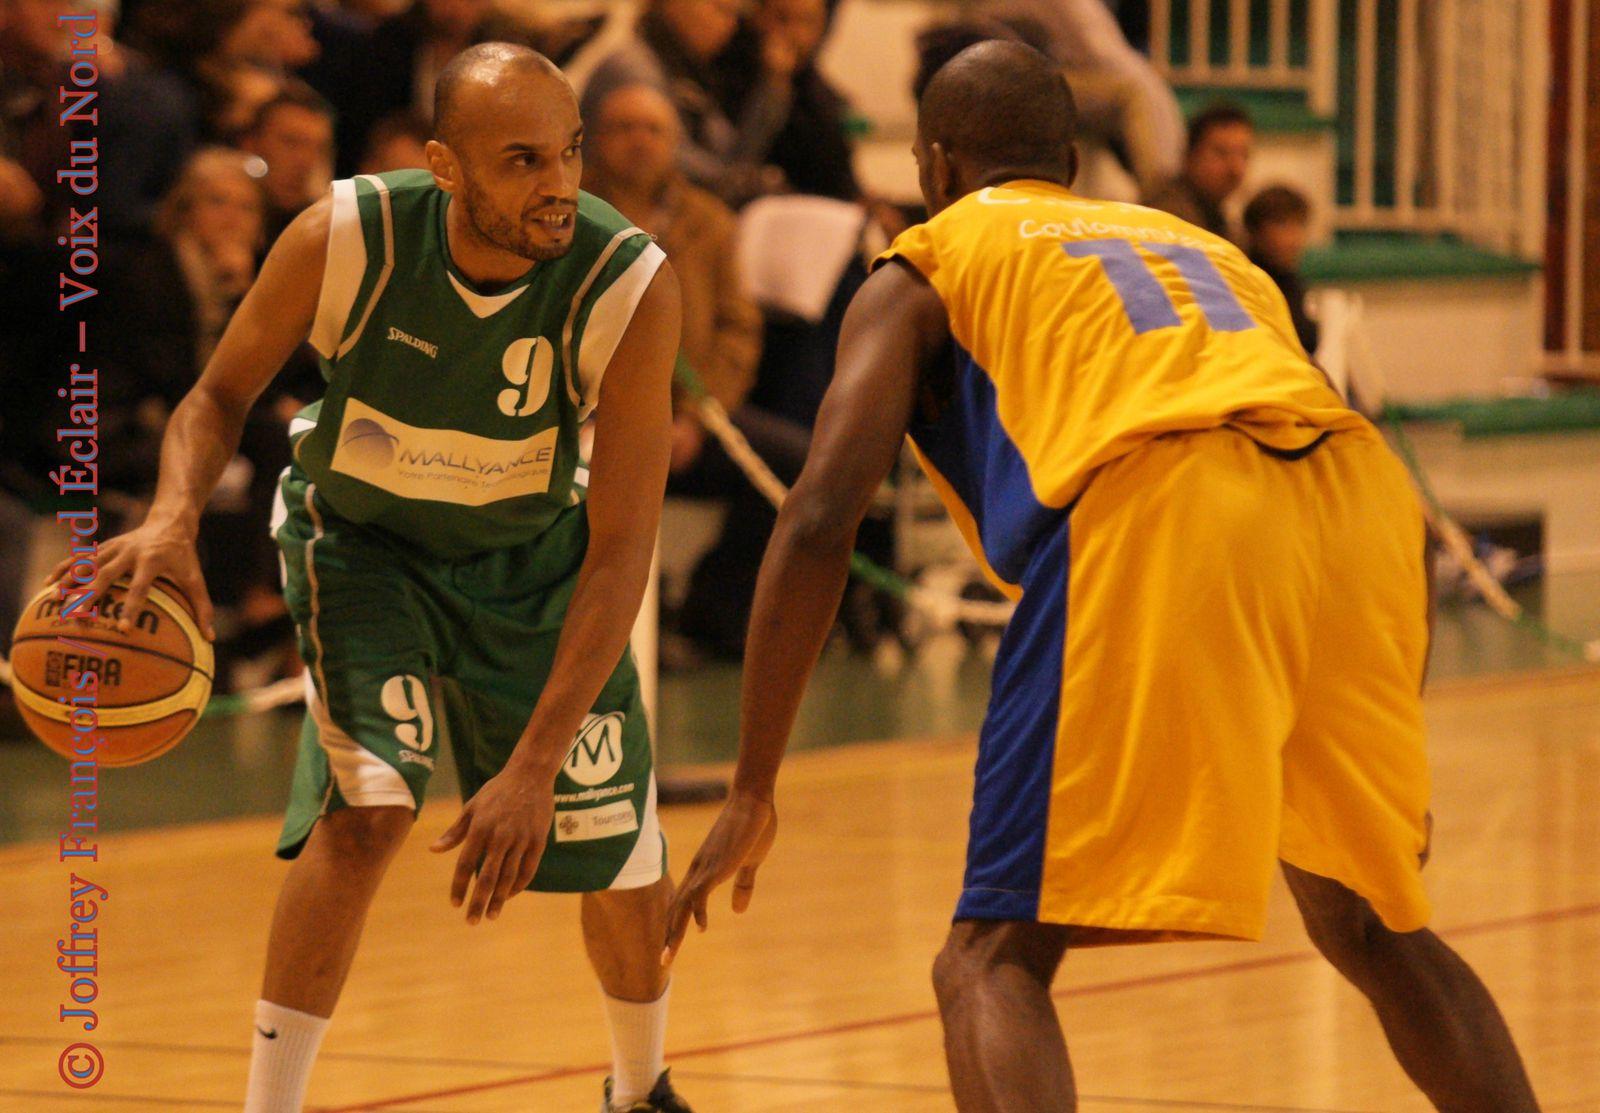 12.10.13 : Fustal (Roubaix AFS) et Basket (St Michel Tourcoing)